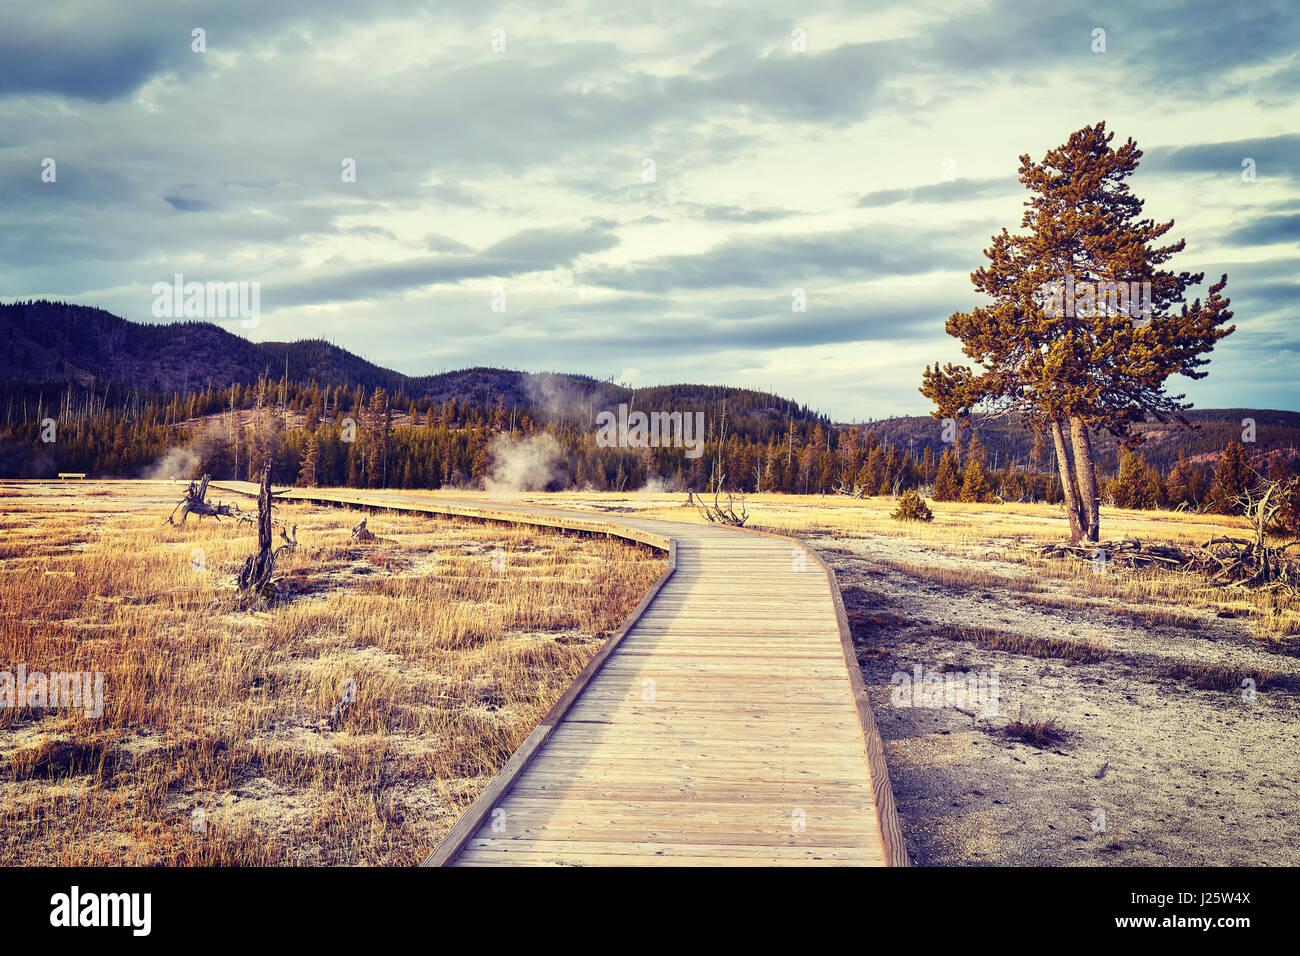 Vintage madera ruta en el Parque Nacional Yellowstone, Wyoming, Estados Unidos. Imagen De Stock